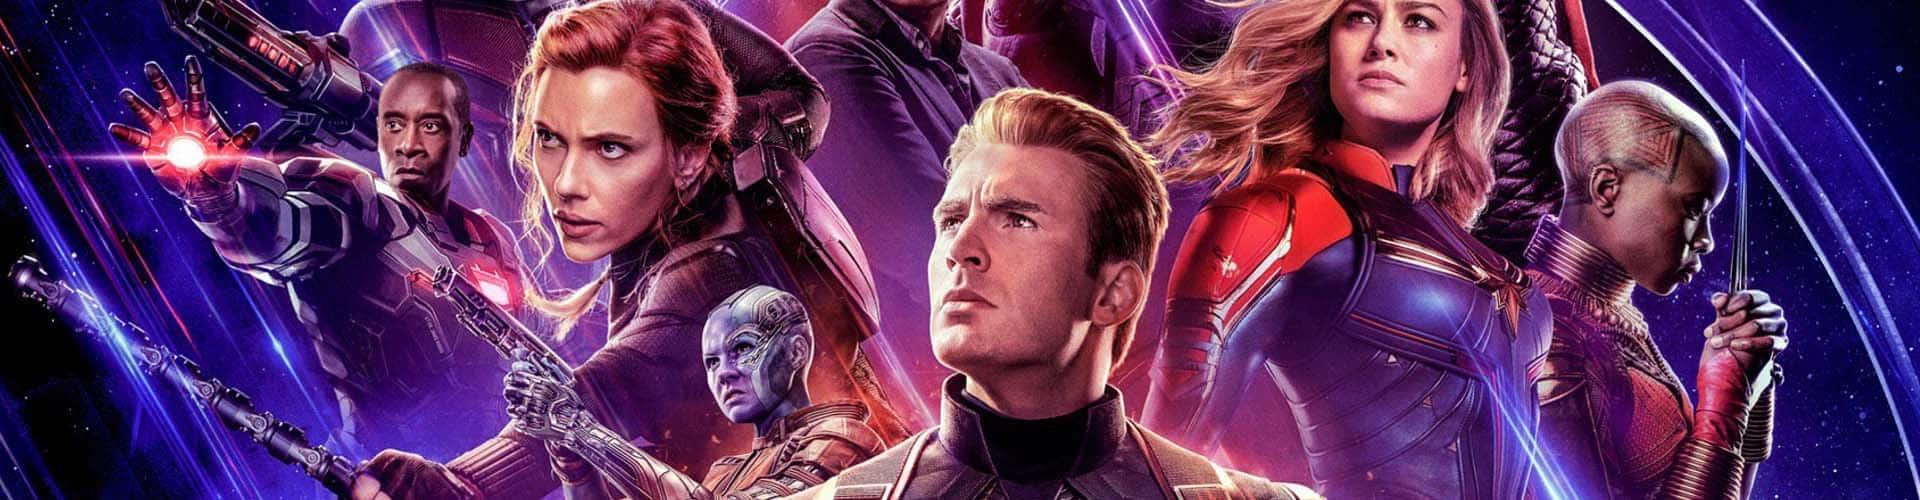 Marvel's Avengers Release Date, News, Trailer And Rumors